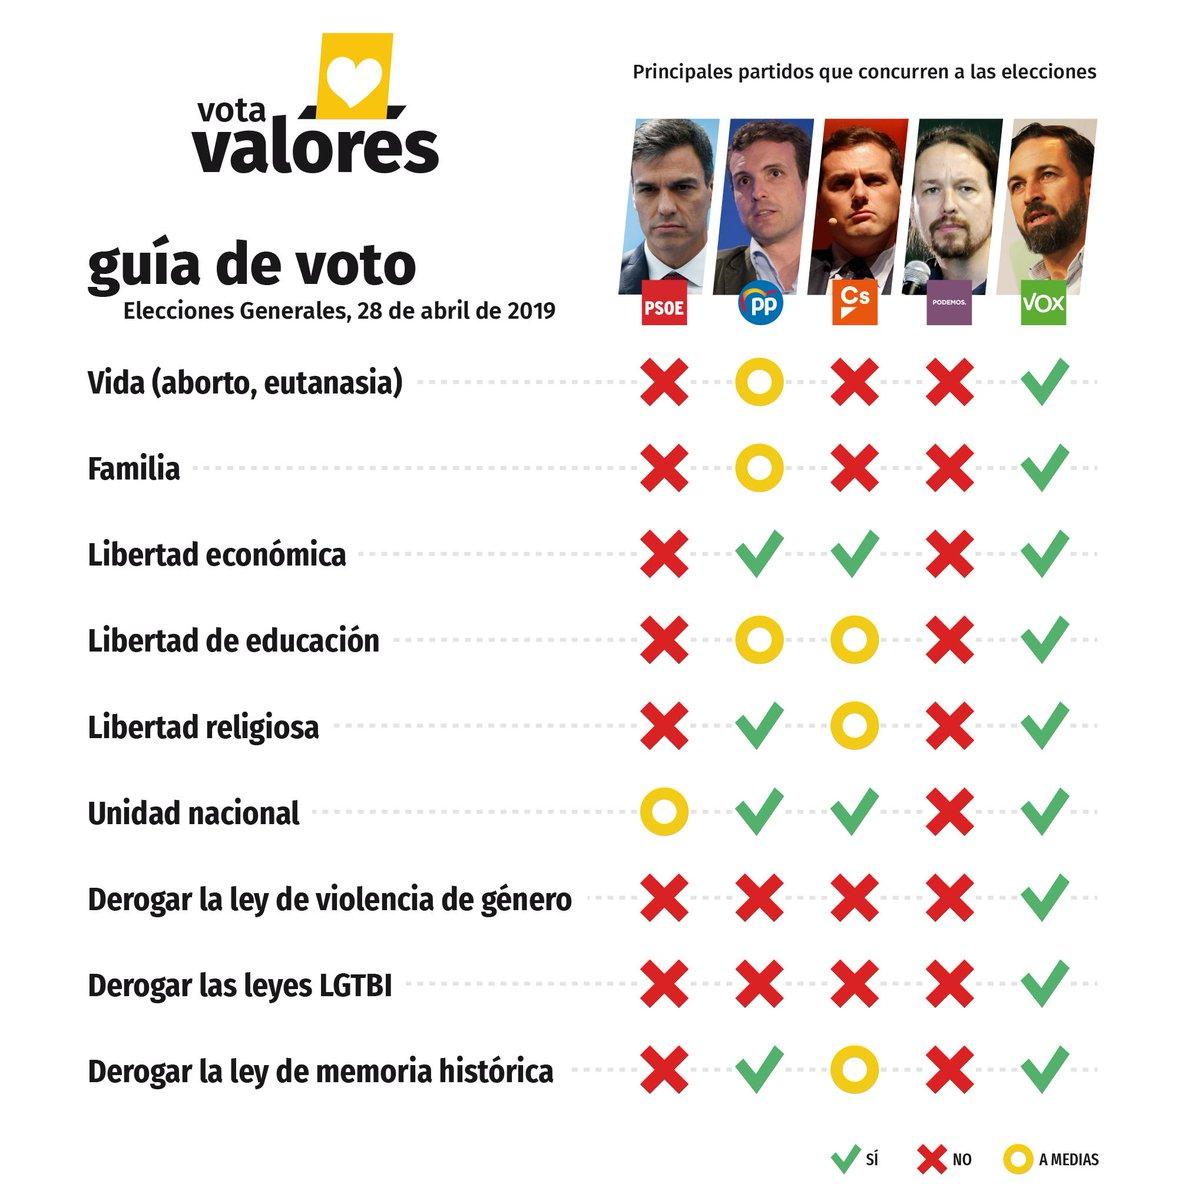 Guía de voto de la organización HazteOir